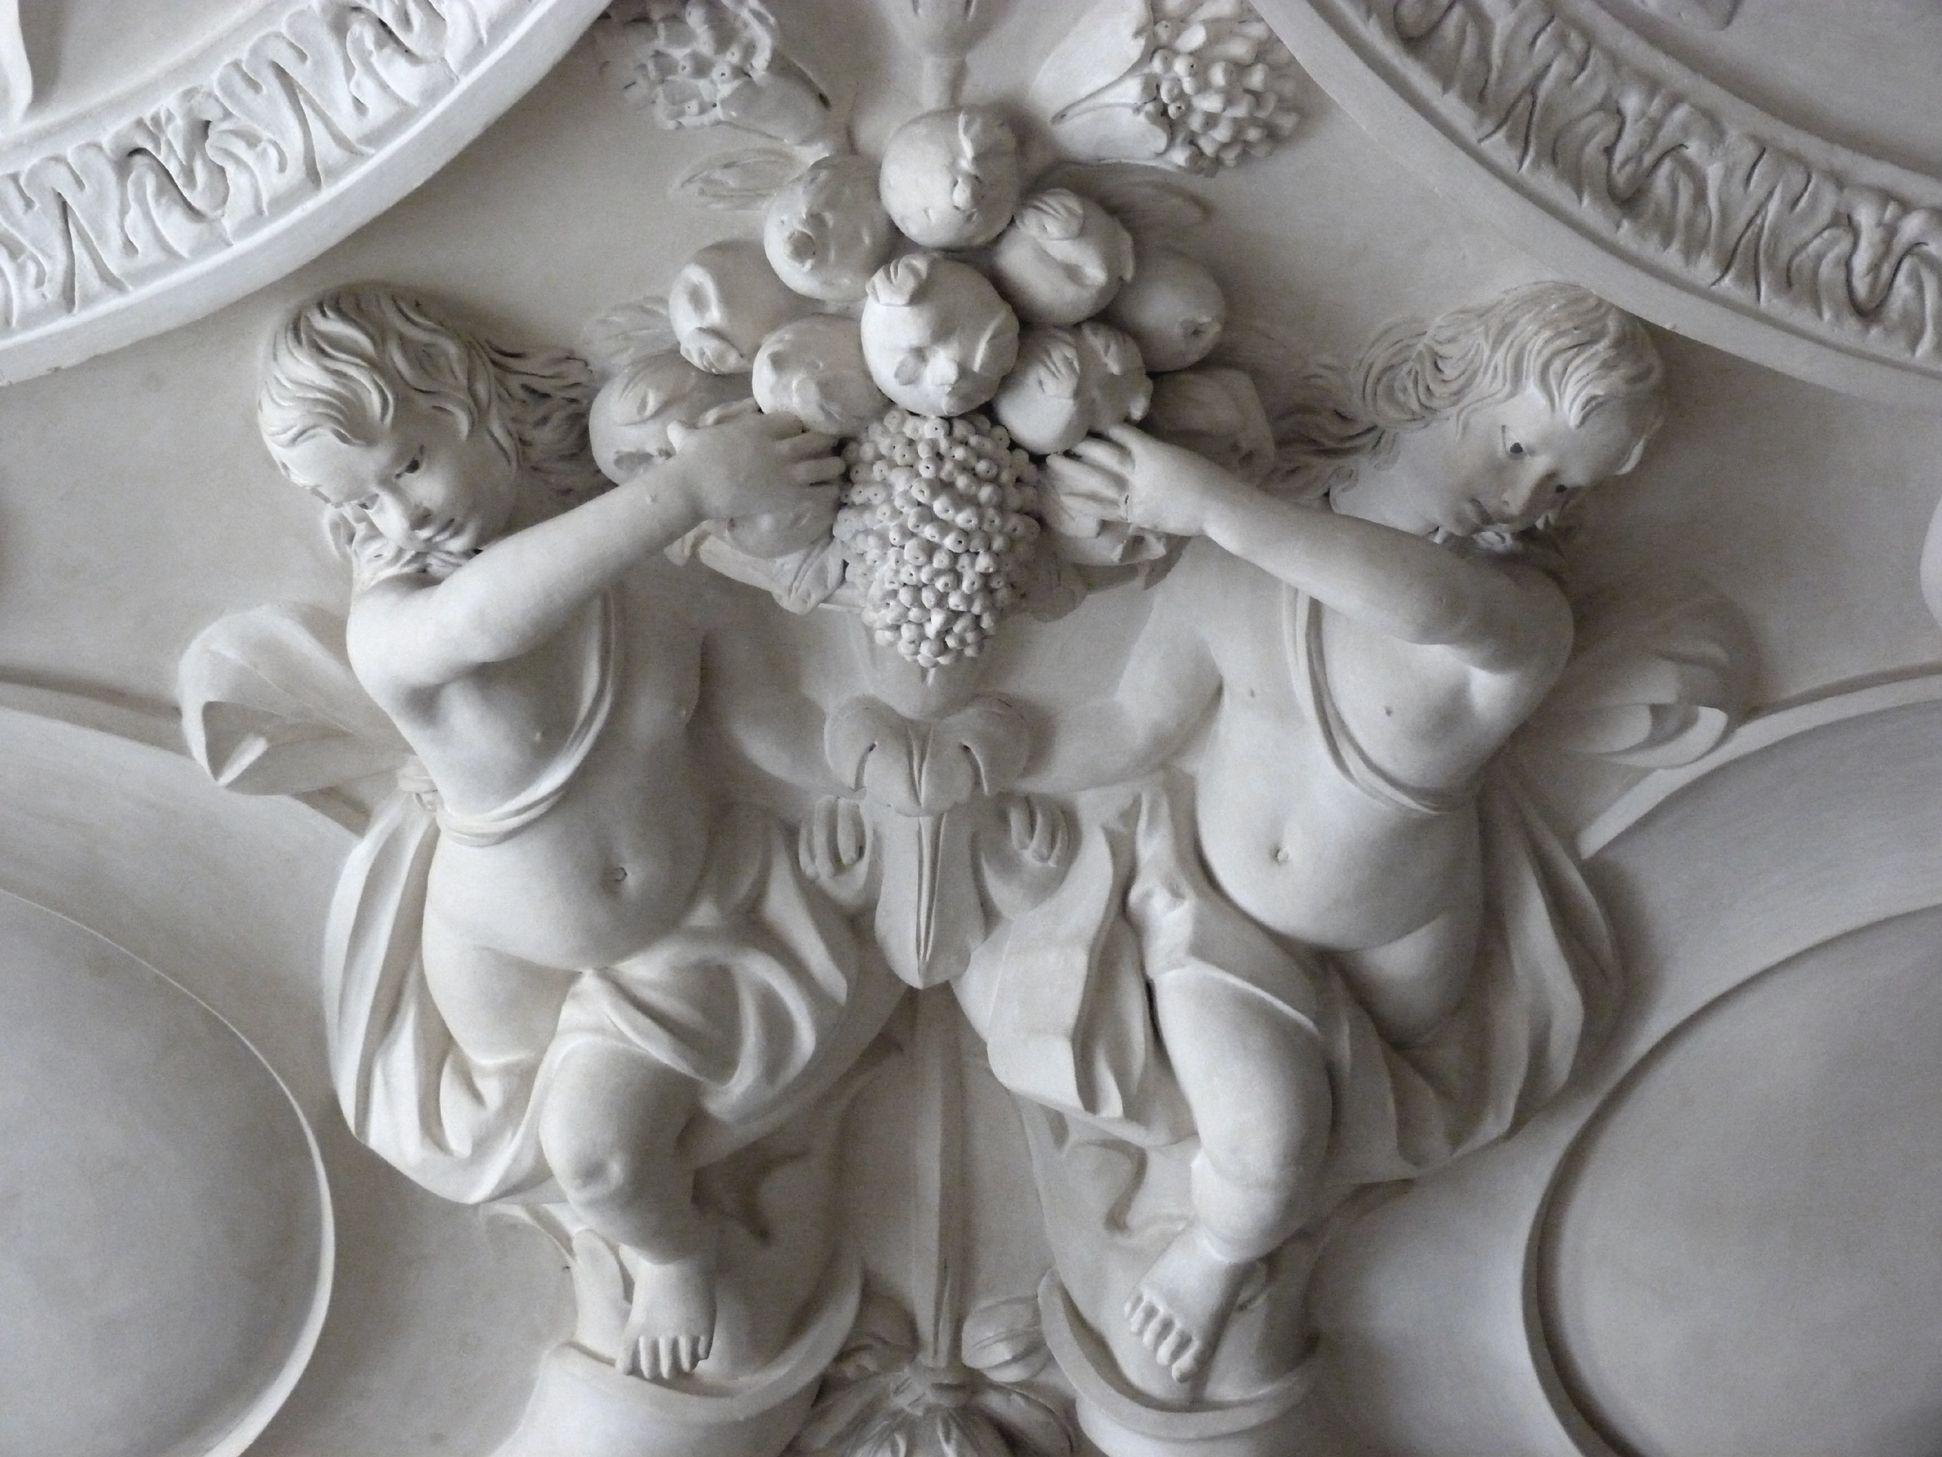 Stuckdecke im Fembohaus Mittlerer südliche Deckenpartie, Detail